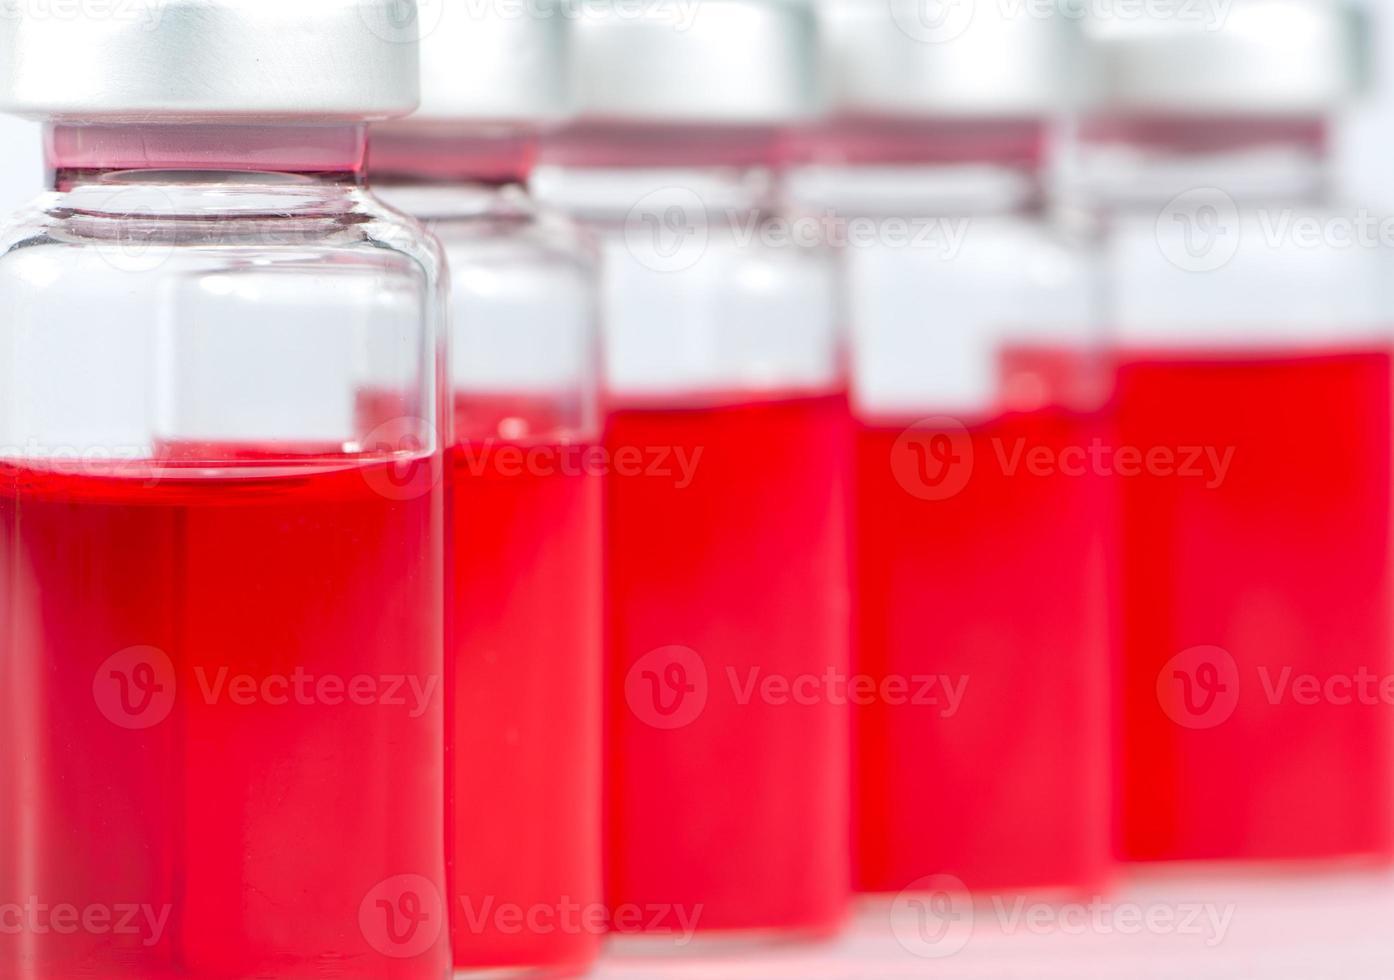 verschlossene Medizinfläschchen foto